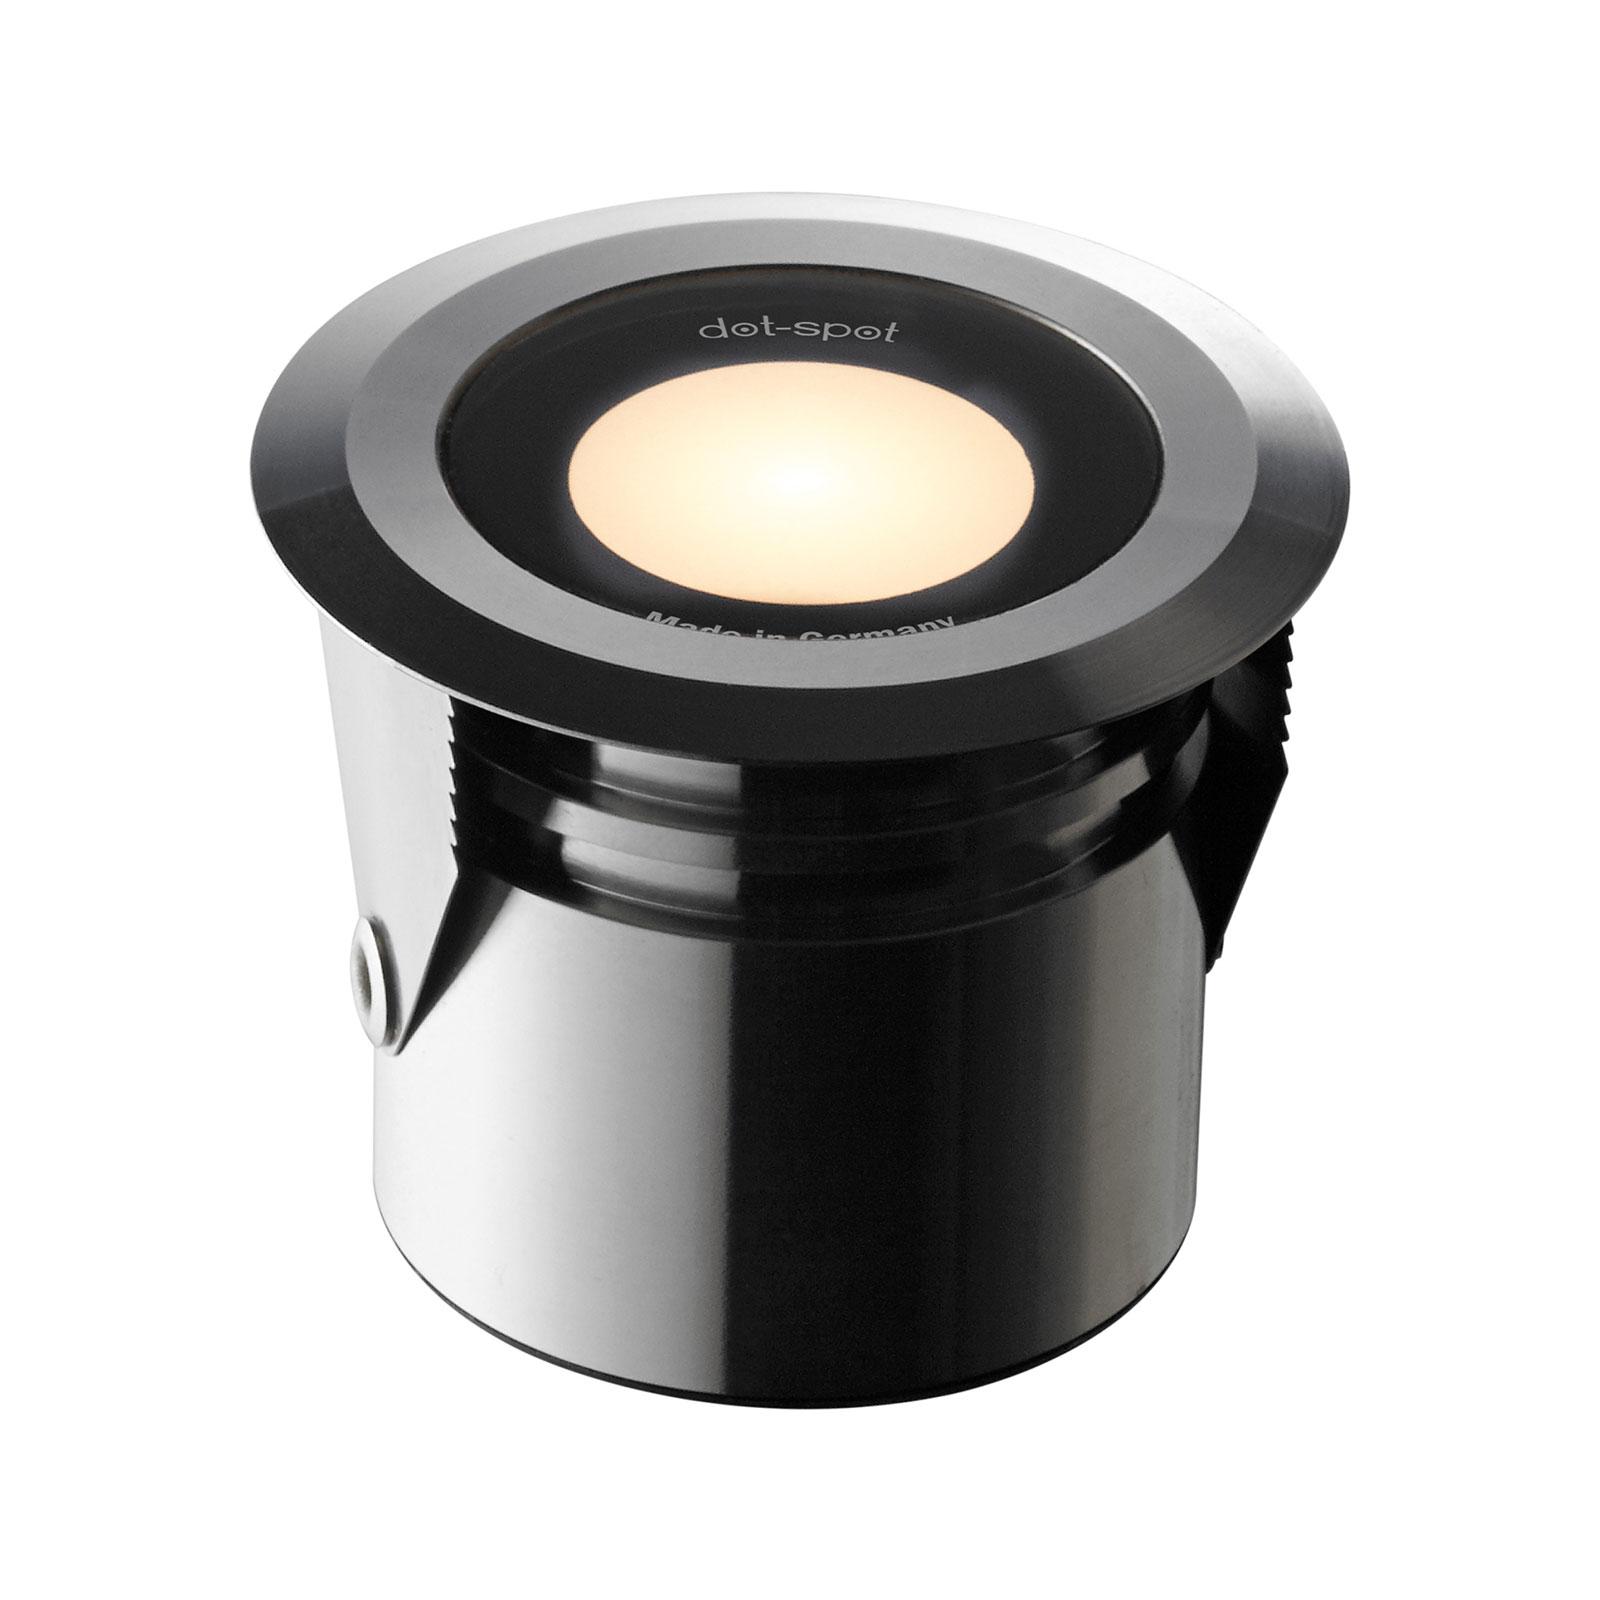 dot-spot LED-Einbauleuchte Brilliance-Midi, IP68